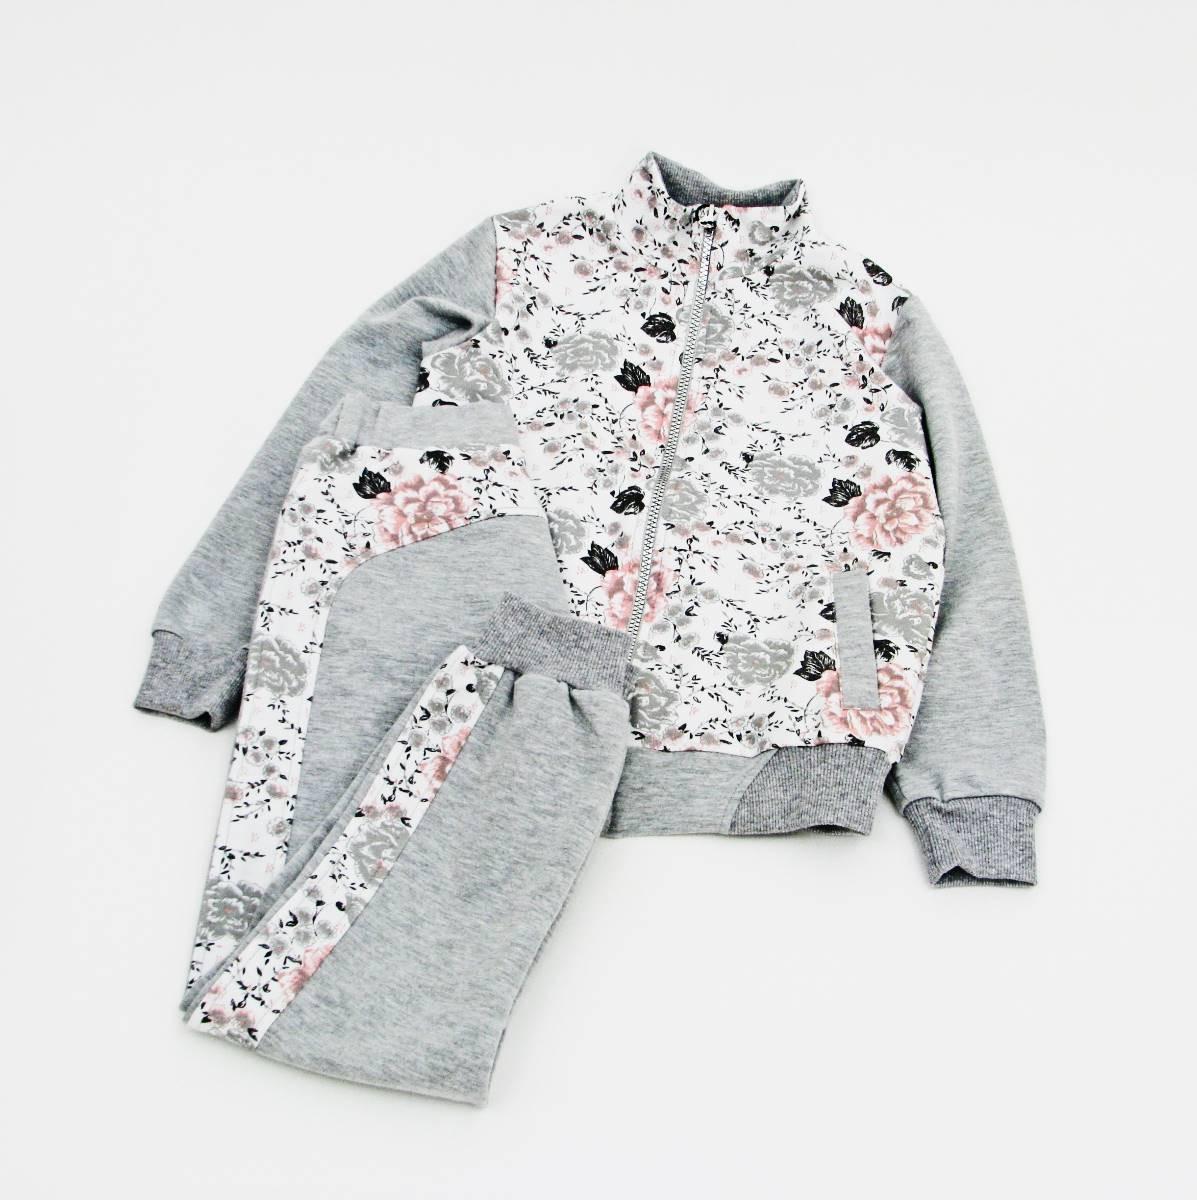 b9f205a5 Детский спортивный костюм с цветочным рисунком: продажа, цена в ...